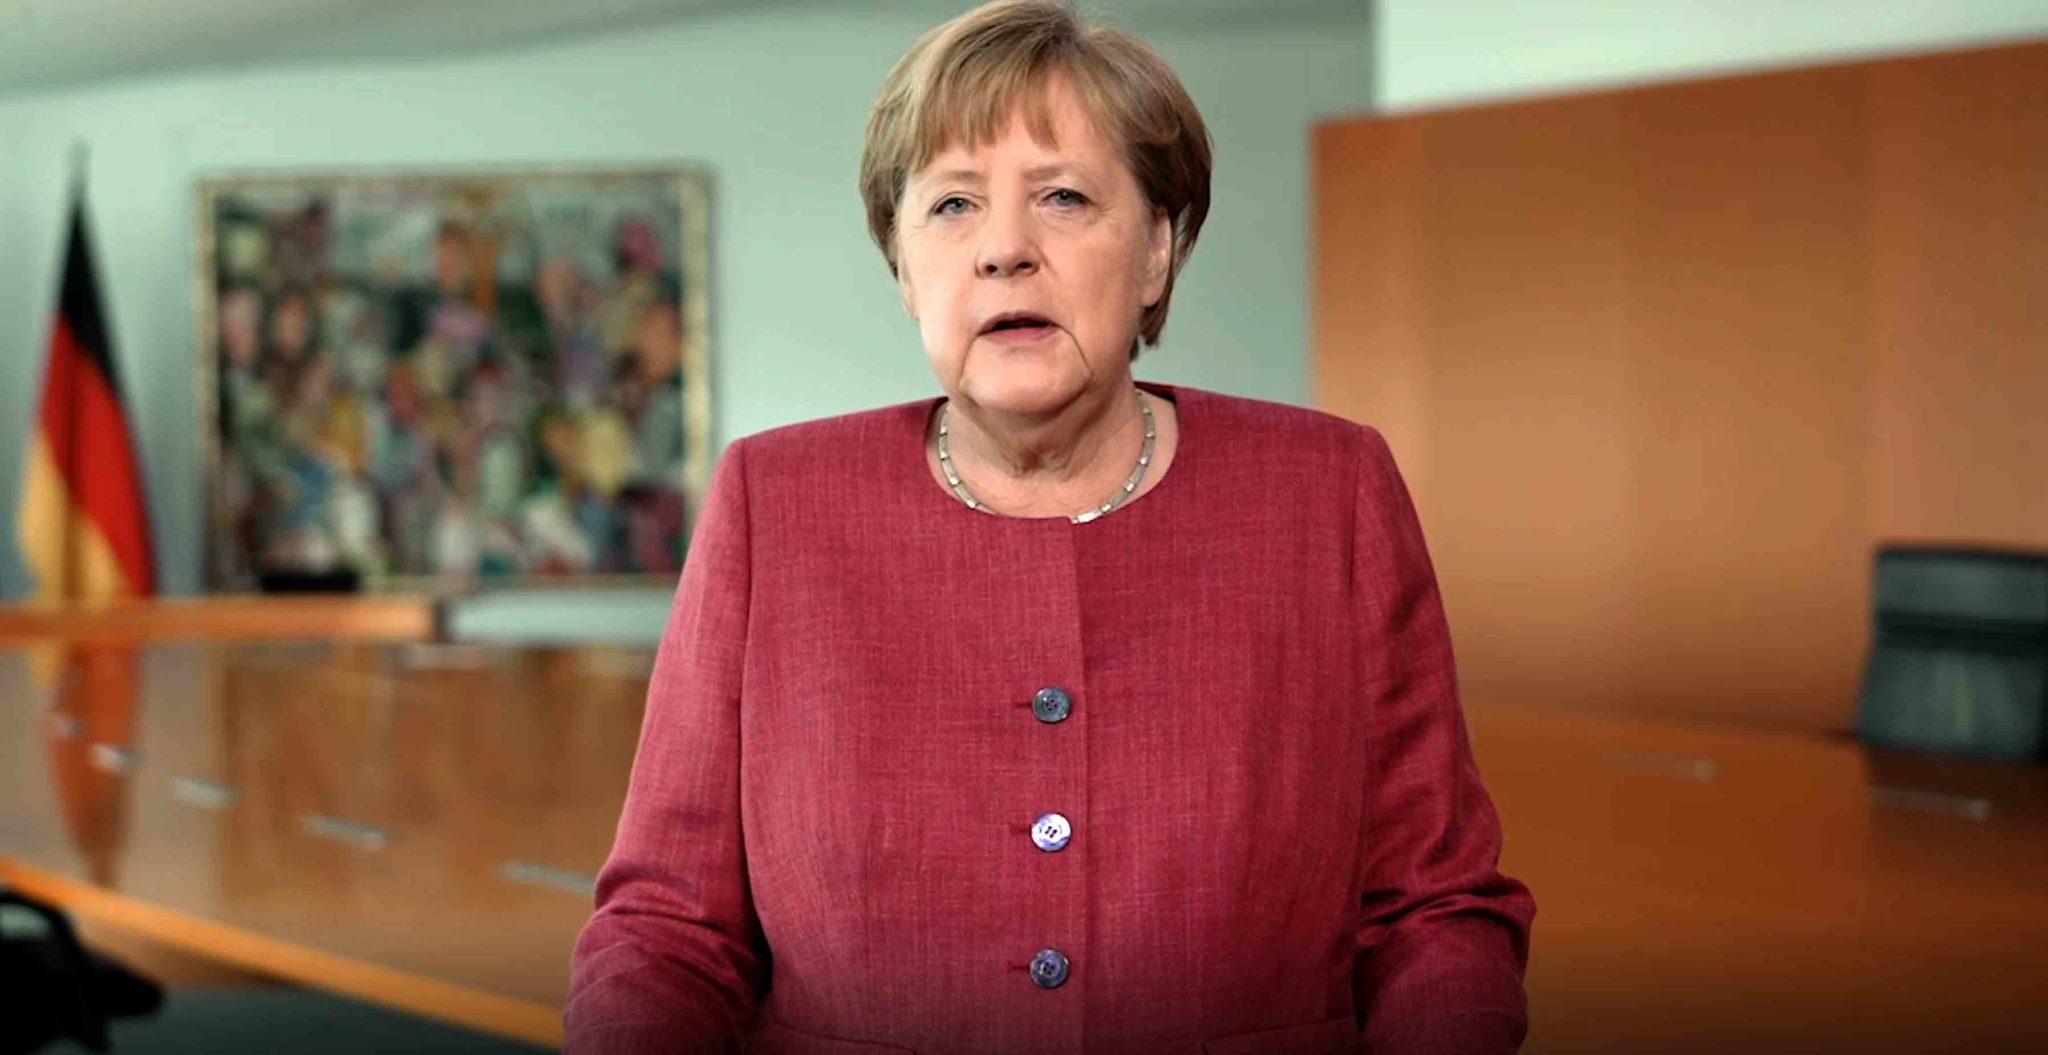 """Zum Tag des Grundgesetzes am morgigen Sonntag betont Bundeskanzlerin Angela Merkel in ihrem aktuellen Podcast: """"Die Mütter und Väter unserer Verfassung haben damals wirklich Großes vollbracht. Sie schufen ein stabiles Fundament, das bis heute unser Zusammenleben trägt – in Freiheit, in Demokratie, im Rechtsstaat."""""""